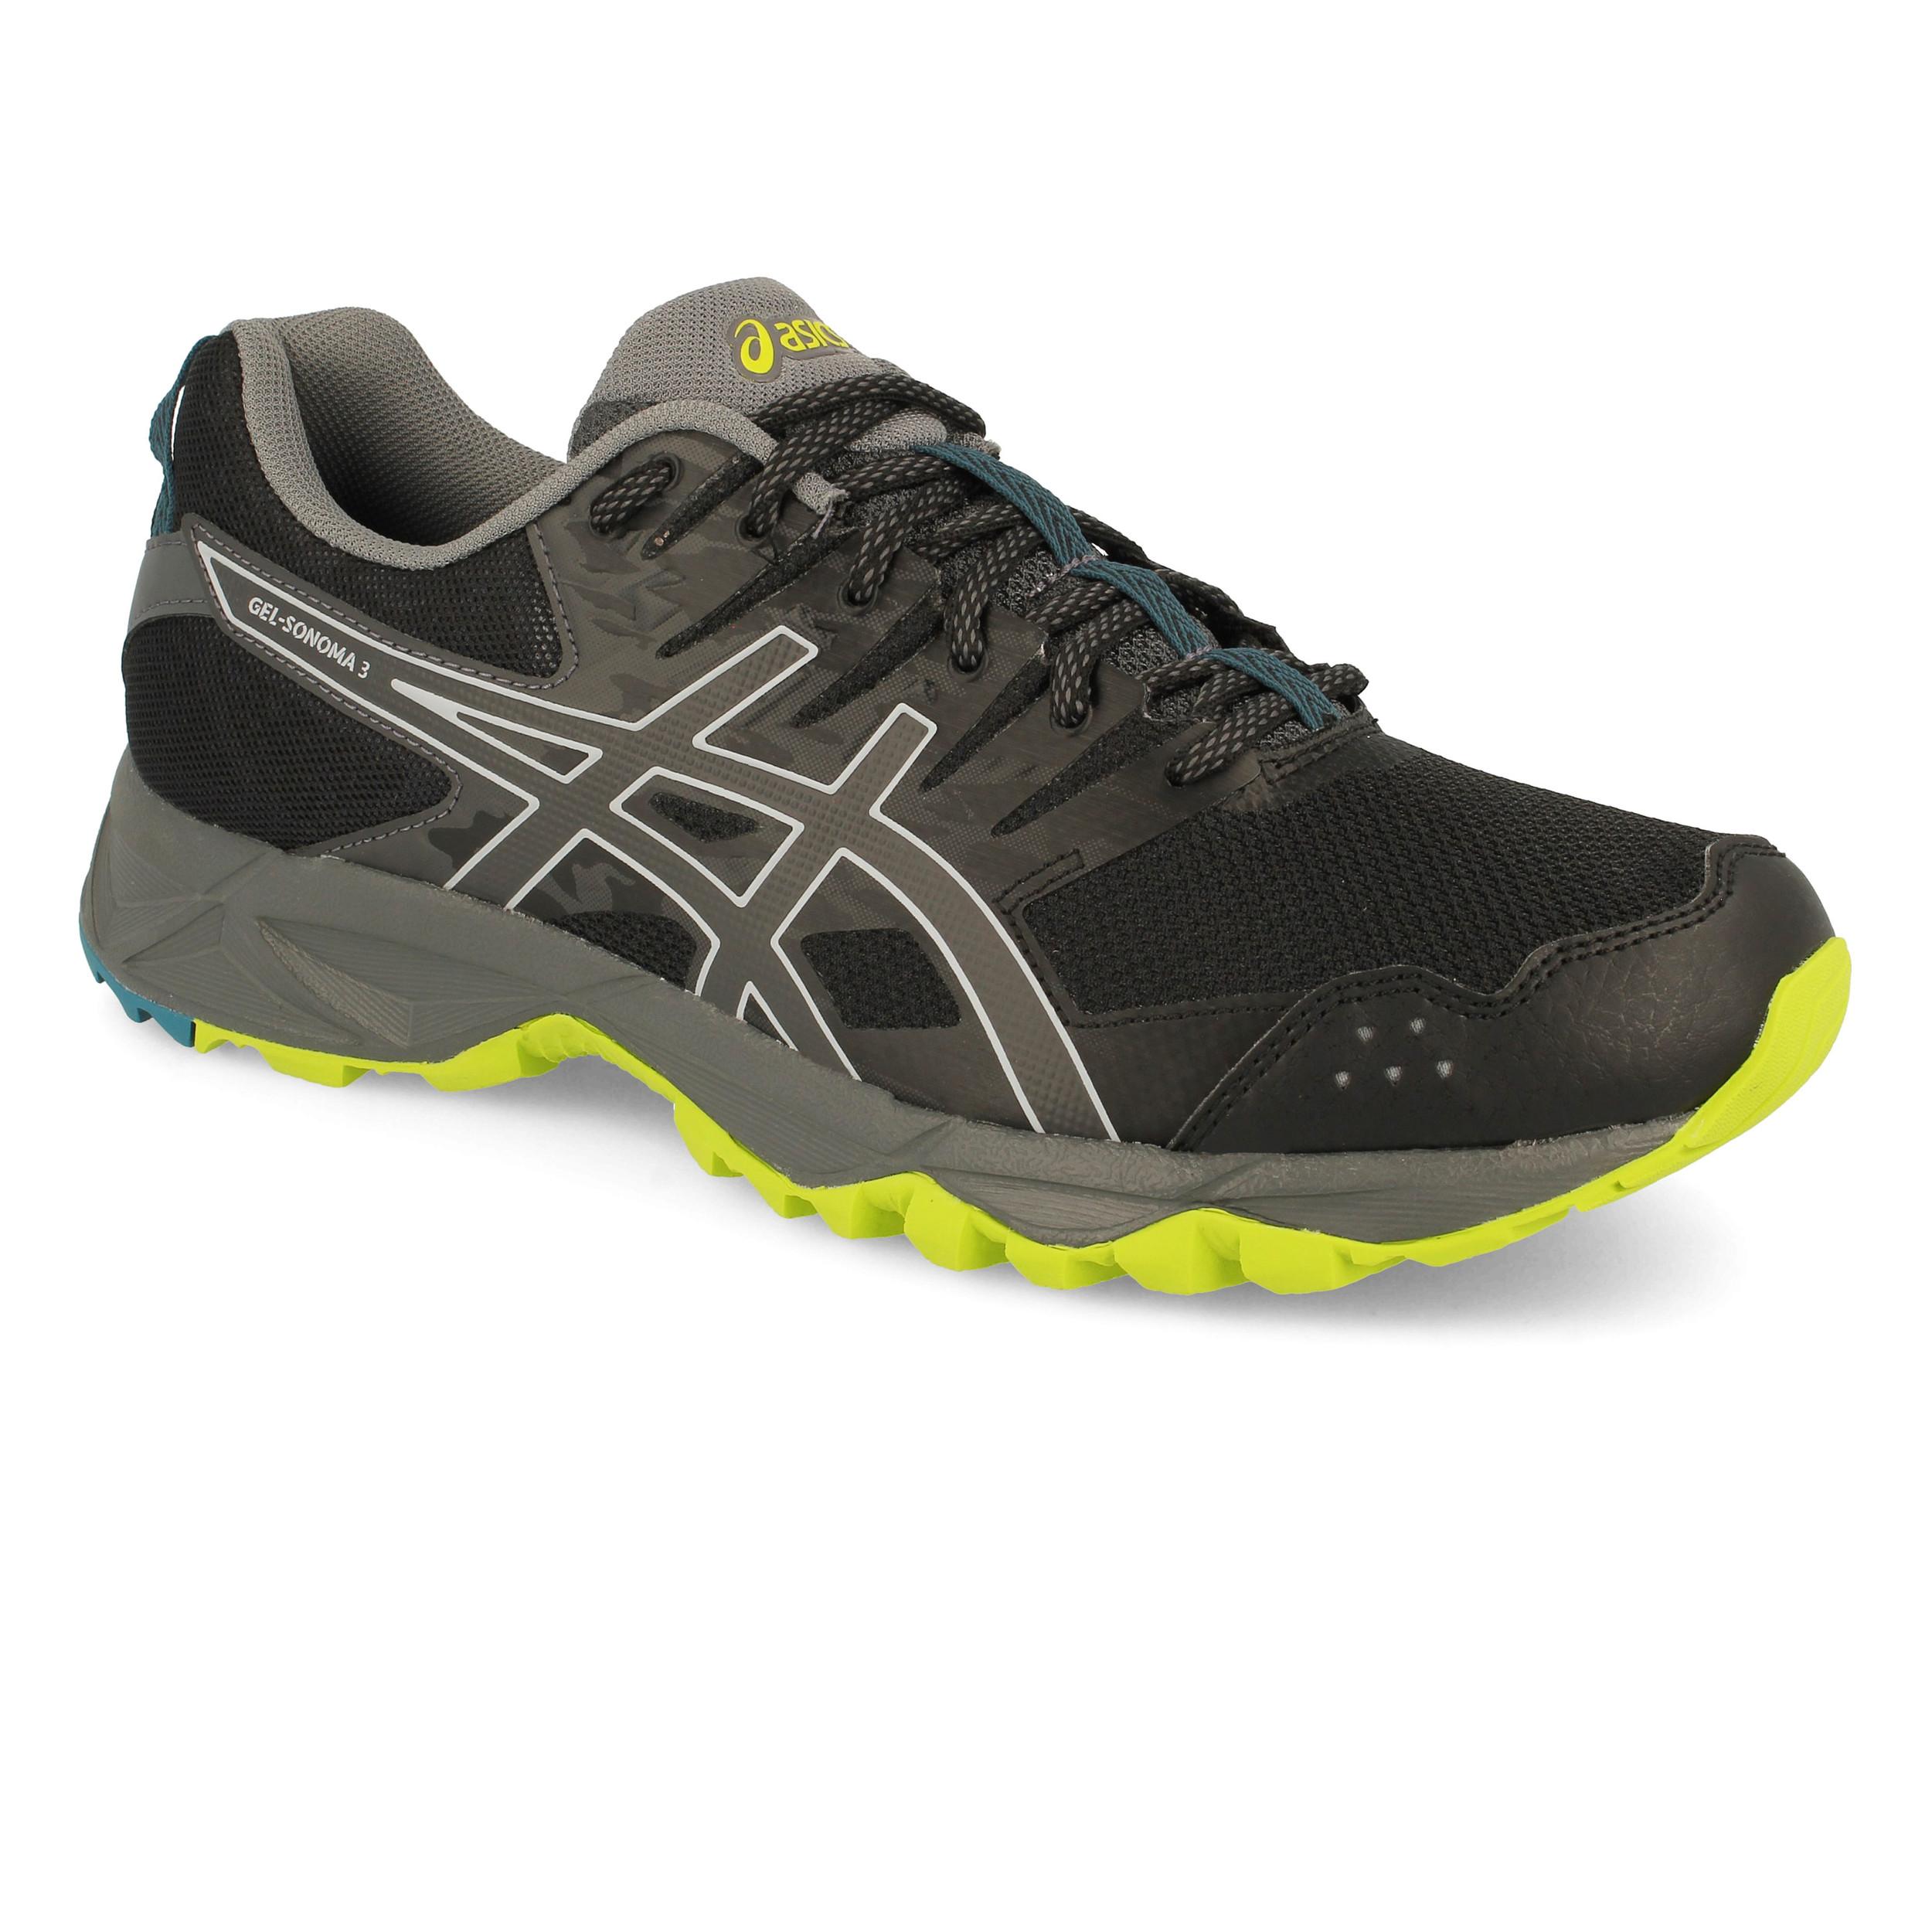 e1c2d4716 Asics Hombre Gel-sonoma 3 Sendero Correr Zapatos Zapatillas Negro Deporte